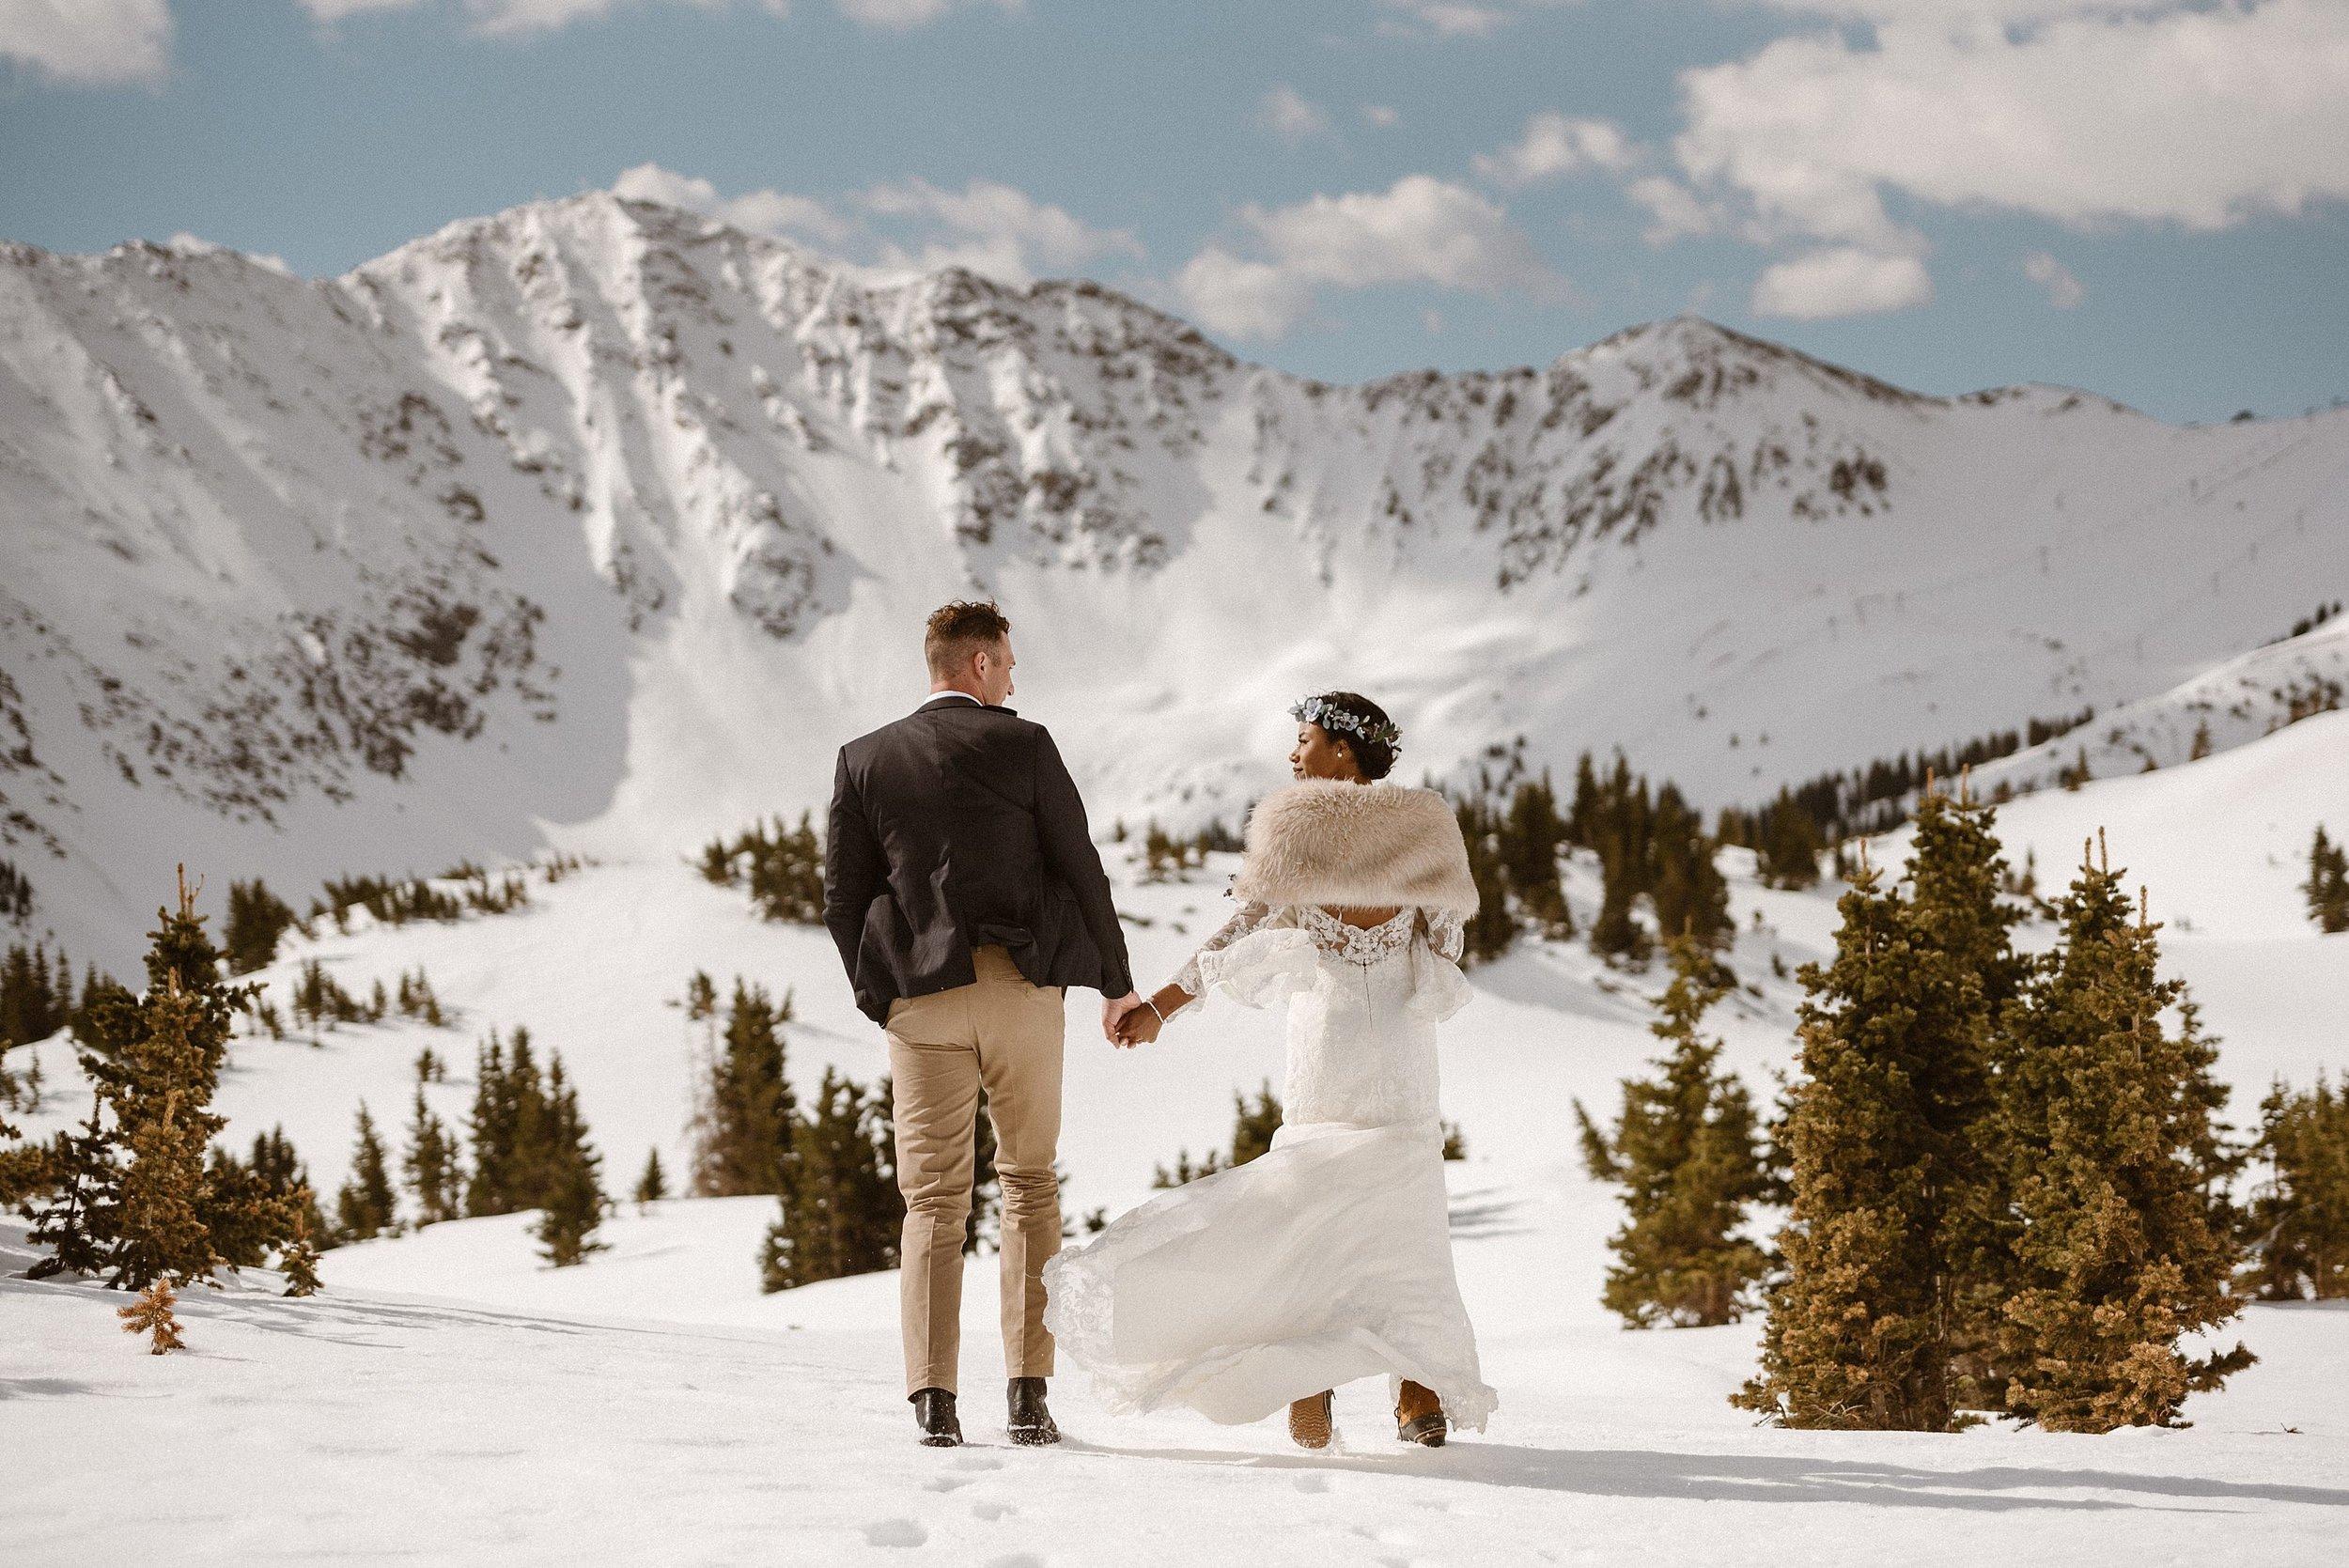 Winter-wedding-Snowy-wedding-winter-elopement-snowy-elopement-Loveland-Pass-wedding-Loveland-Pass-elopement-Arapahoe-Basin-wedding-Arapahoe-Basin-elopement-Keystone-wedding-Keystone-elopement-Breckenridge-wedding-Breckenridge-elopement-Silverthorne-wedding-Silverthorne-elopement-Dillon-wedding-Dillion-elopement-Dillon-Reservoir-wedding-Sapphire-Point-wedding-Sapphire-Point-elopement-Dillon-Reservoir-elopement-Sapphire-Point-Overlook-elopement-Sapphire-Point-Overlook-wedding-Montgomery-Reservoir-wedding-Hoosier-Pass-wedding-Montgomery-Reservoir-elopement-Hoosier-Pass-elopement-maddie-mae-maddie-mae-photography-colorado-elopement-elopement-coloraodo-intimate-elopement-colorado-mountains-colorado-mountain-wedding-colorado-mountain-elopement-intimate-wedding-ceremony-mountain-wedding-ceremony-colorado-mountain-wedding-ceremony-fur-stole-wedding-fur-elope-colorado-elope-in-colorado-adventure-wedding-adventure-wedding-photography-intimate-wedding-photographer-intimate-wedding-photography-intimate-elopement-photography-intimate-elopement-photographer-traveling-elopement-photographer-traveling-elopement-photography-colorado-elopement-locations-harsh-sun-sunny-mountain-elopement-sunrise-elopement-adventure-traveling-elopement-photography